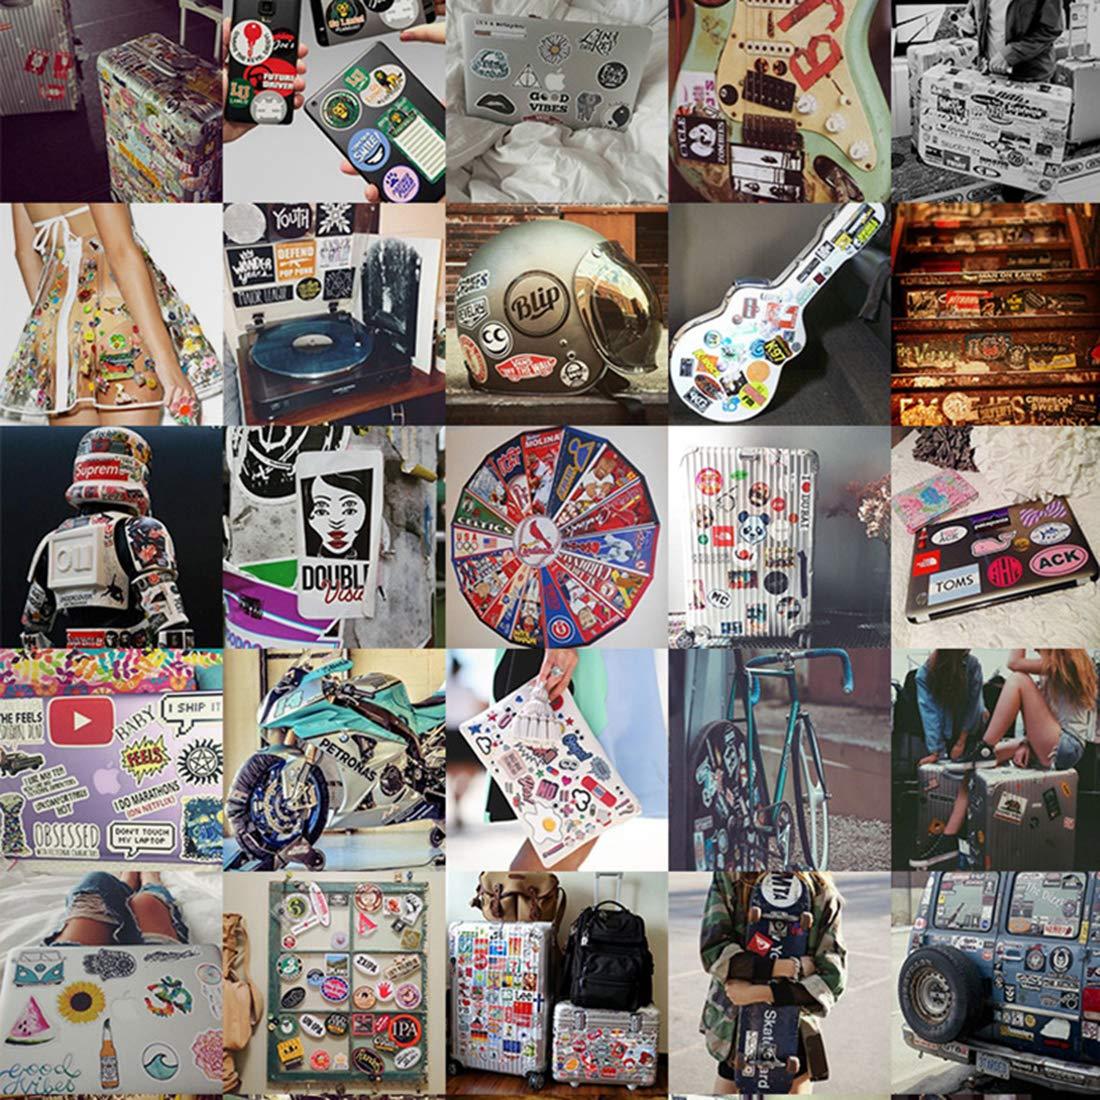 AllRing 50 St/ück Aufkleber Wasserdicht Aufkleber Vinyl Stickers Graffiti Decals f/ür Auto Motorr/äder Fahrrad Skateboard Snowboard Gep/äck Laptop Computer Aufkleber